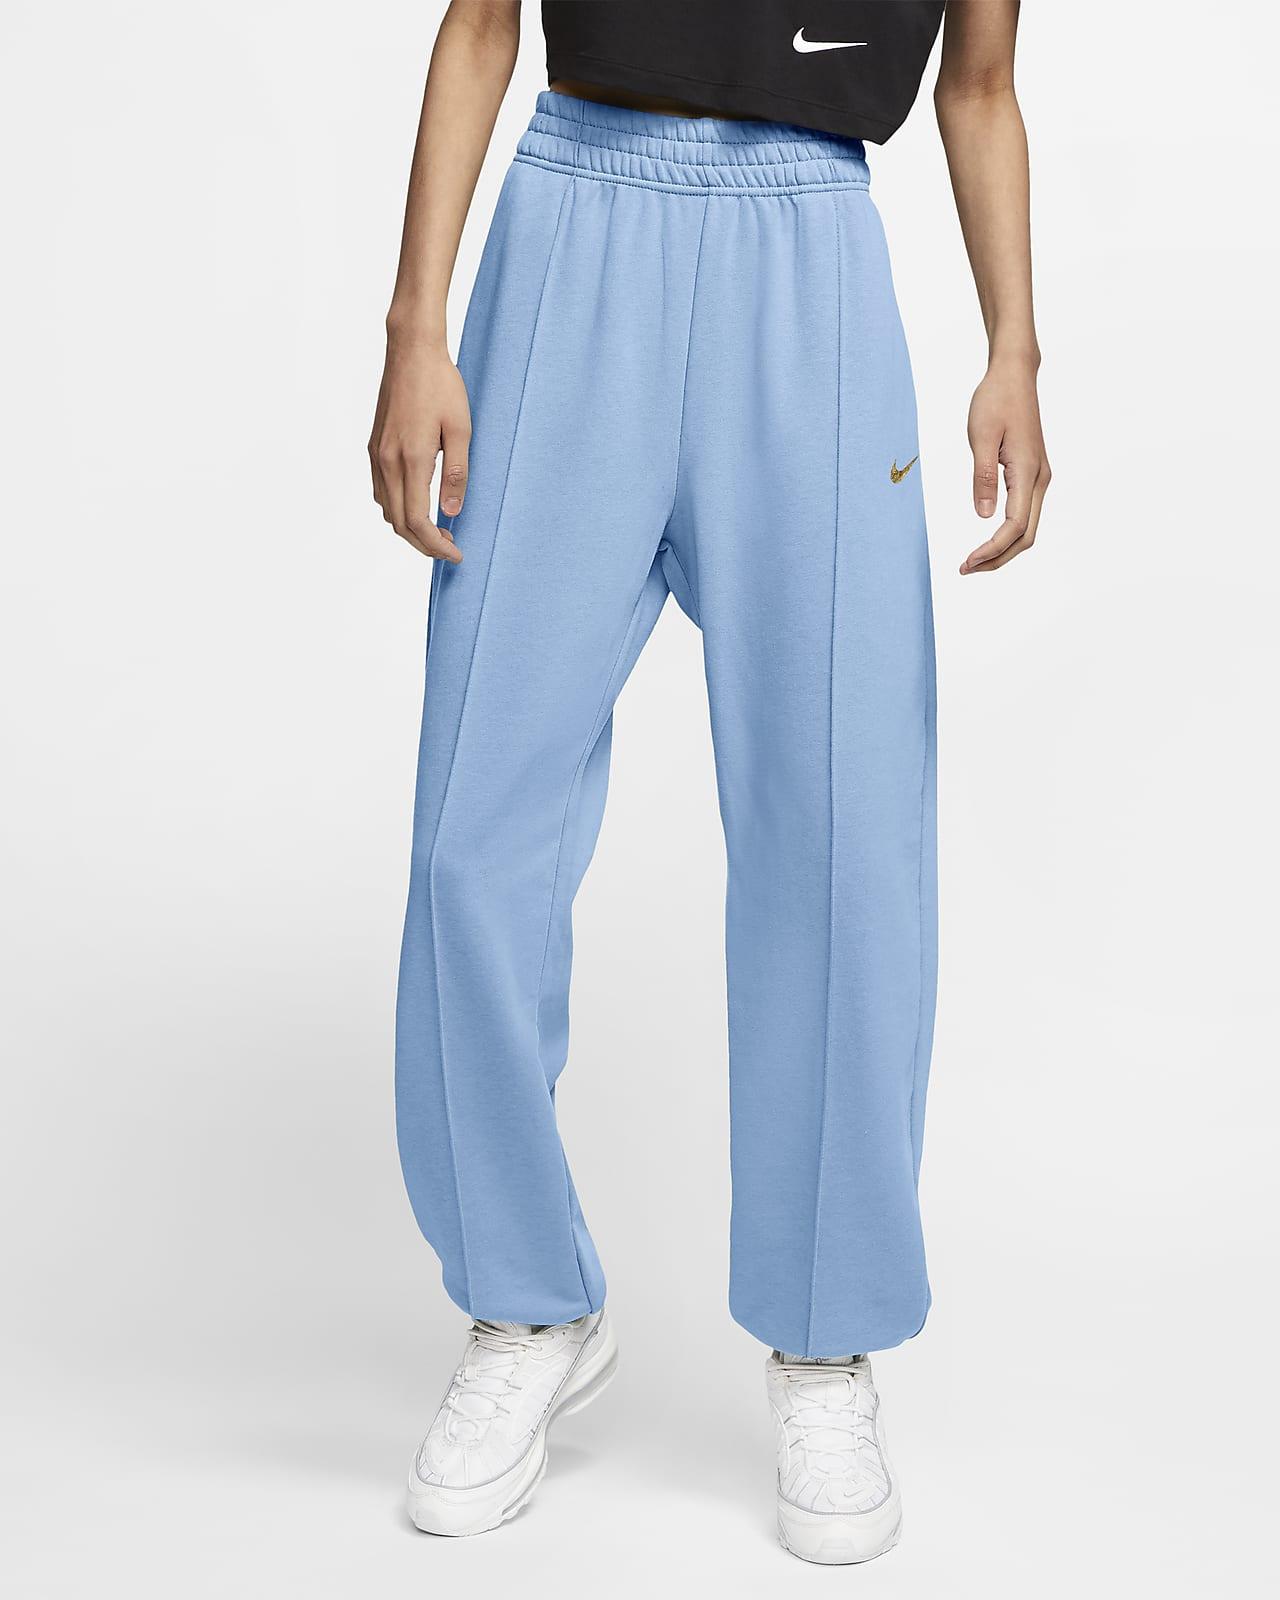 Pantalon Nike Sportswear pour Femme